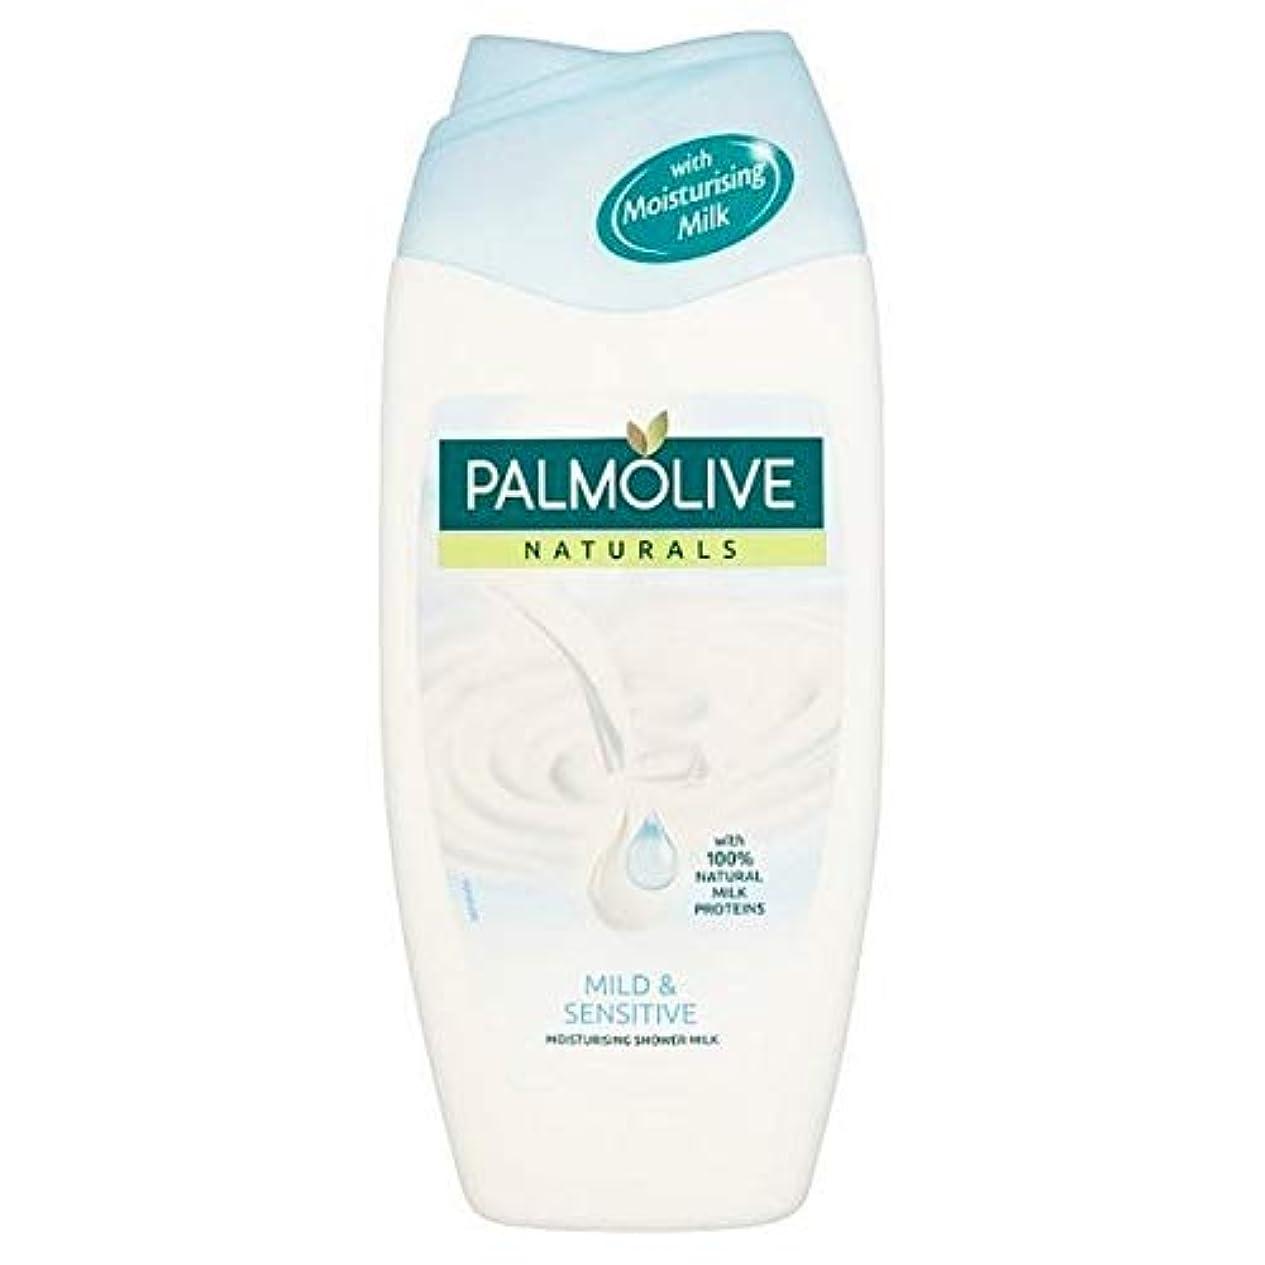 追放共産主義者魔術[Palmolive ] パルモライブナチュラル敏感肌シャワージェルクリーム250ミリリットル - Palmolive Naturals Sensitive Skin Shower Gel Cream 250ml [並行輸入品]